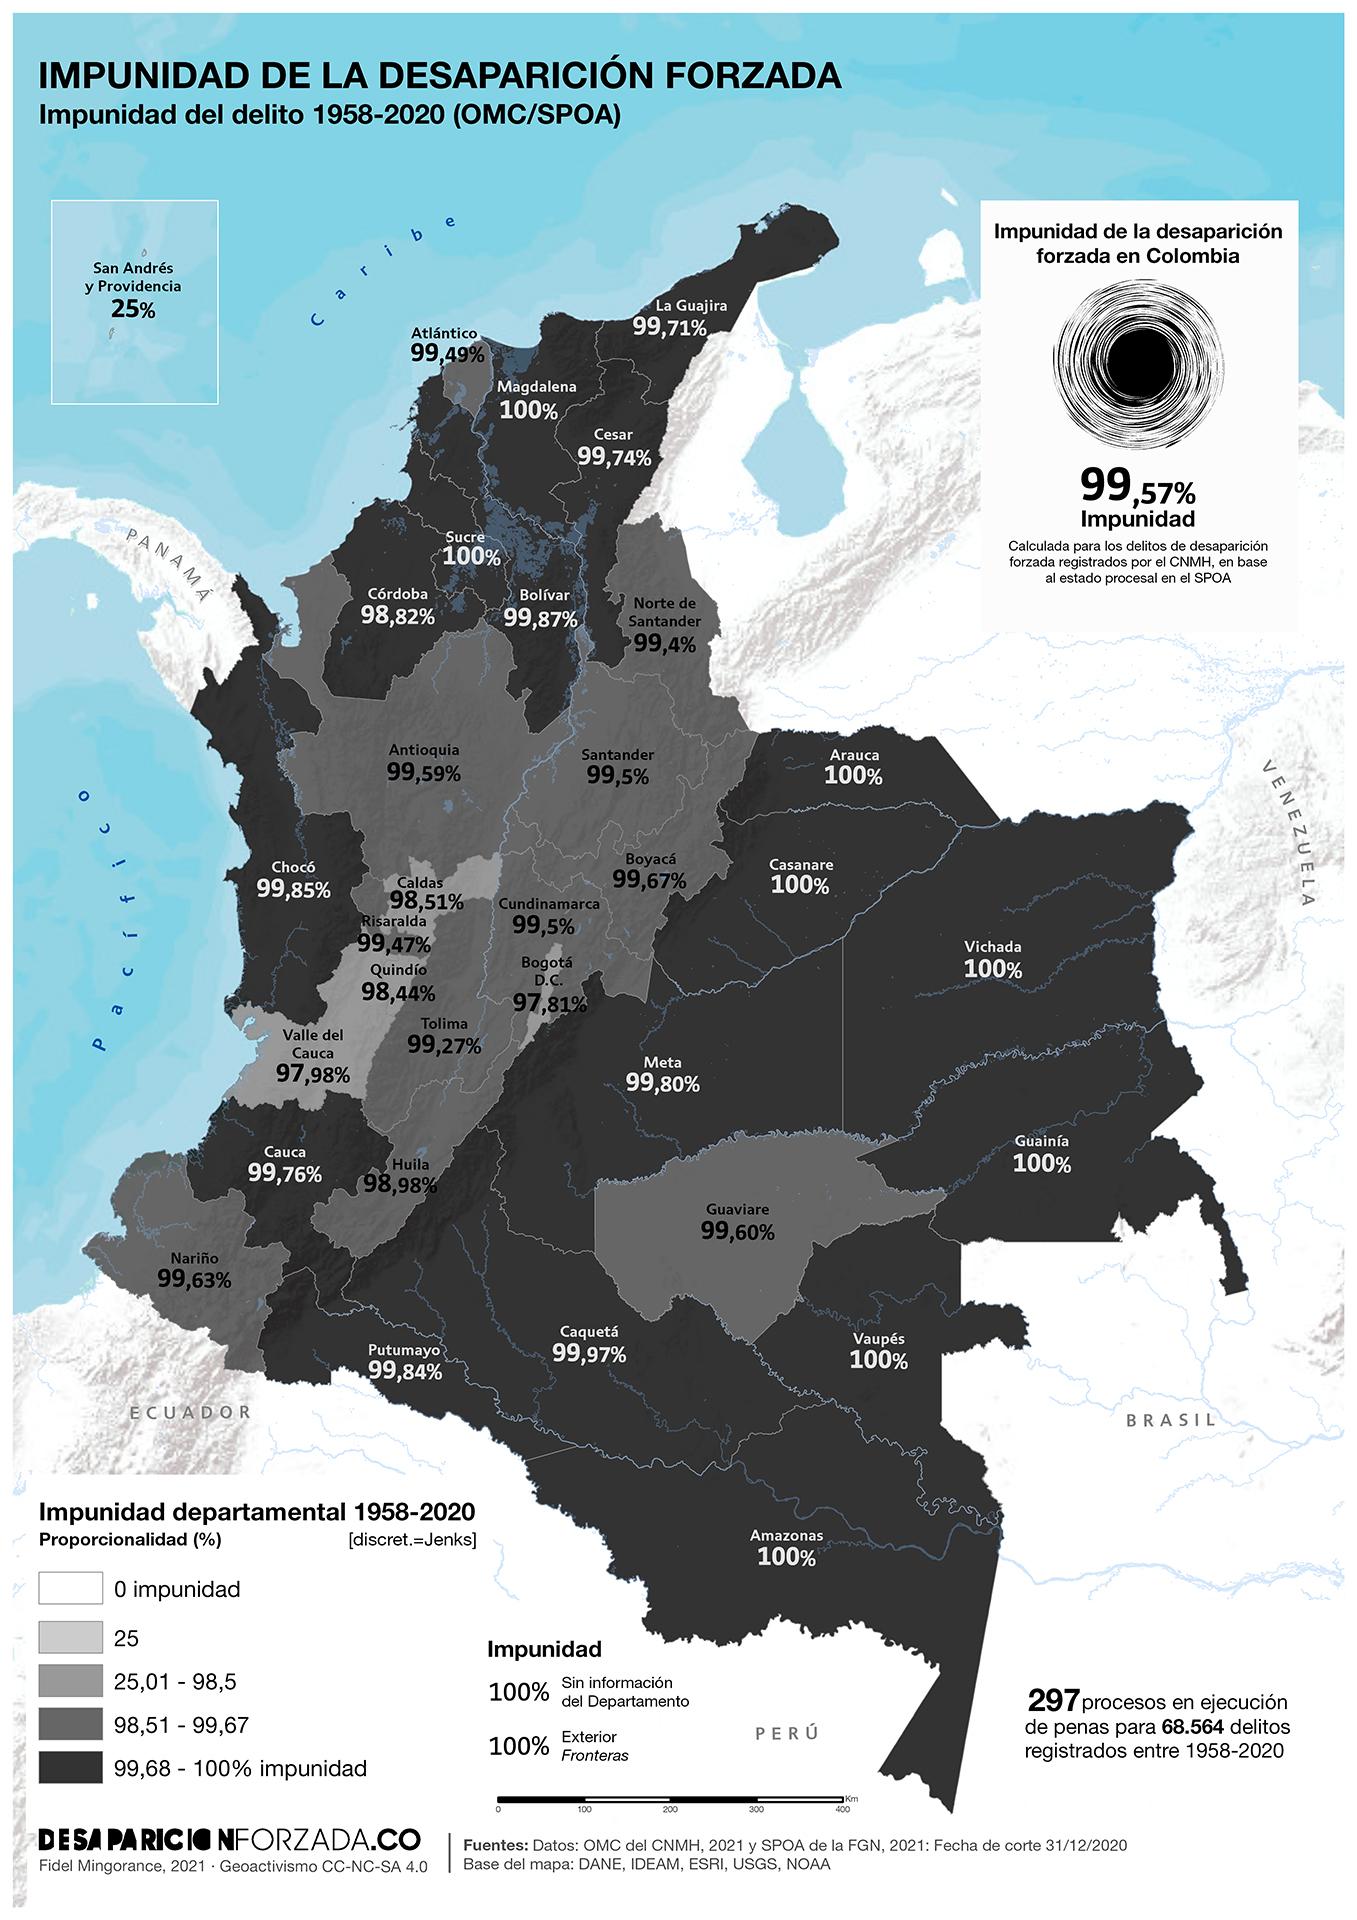 Impunidad desaparicion forzada 1958- 2020